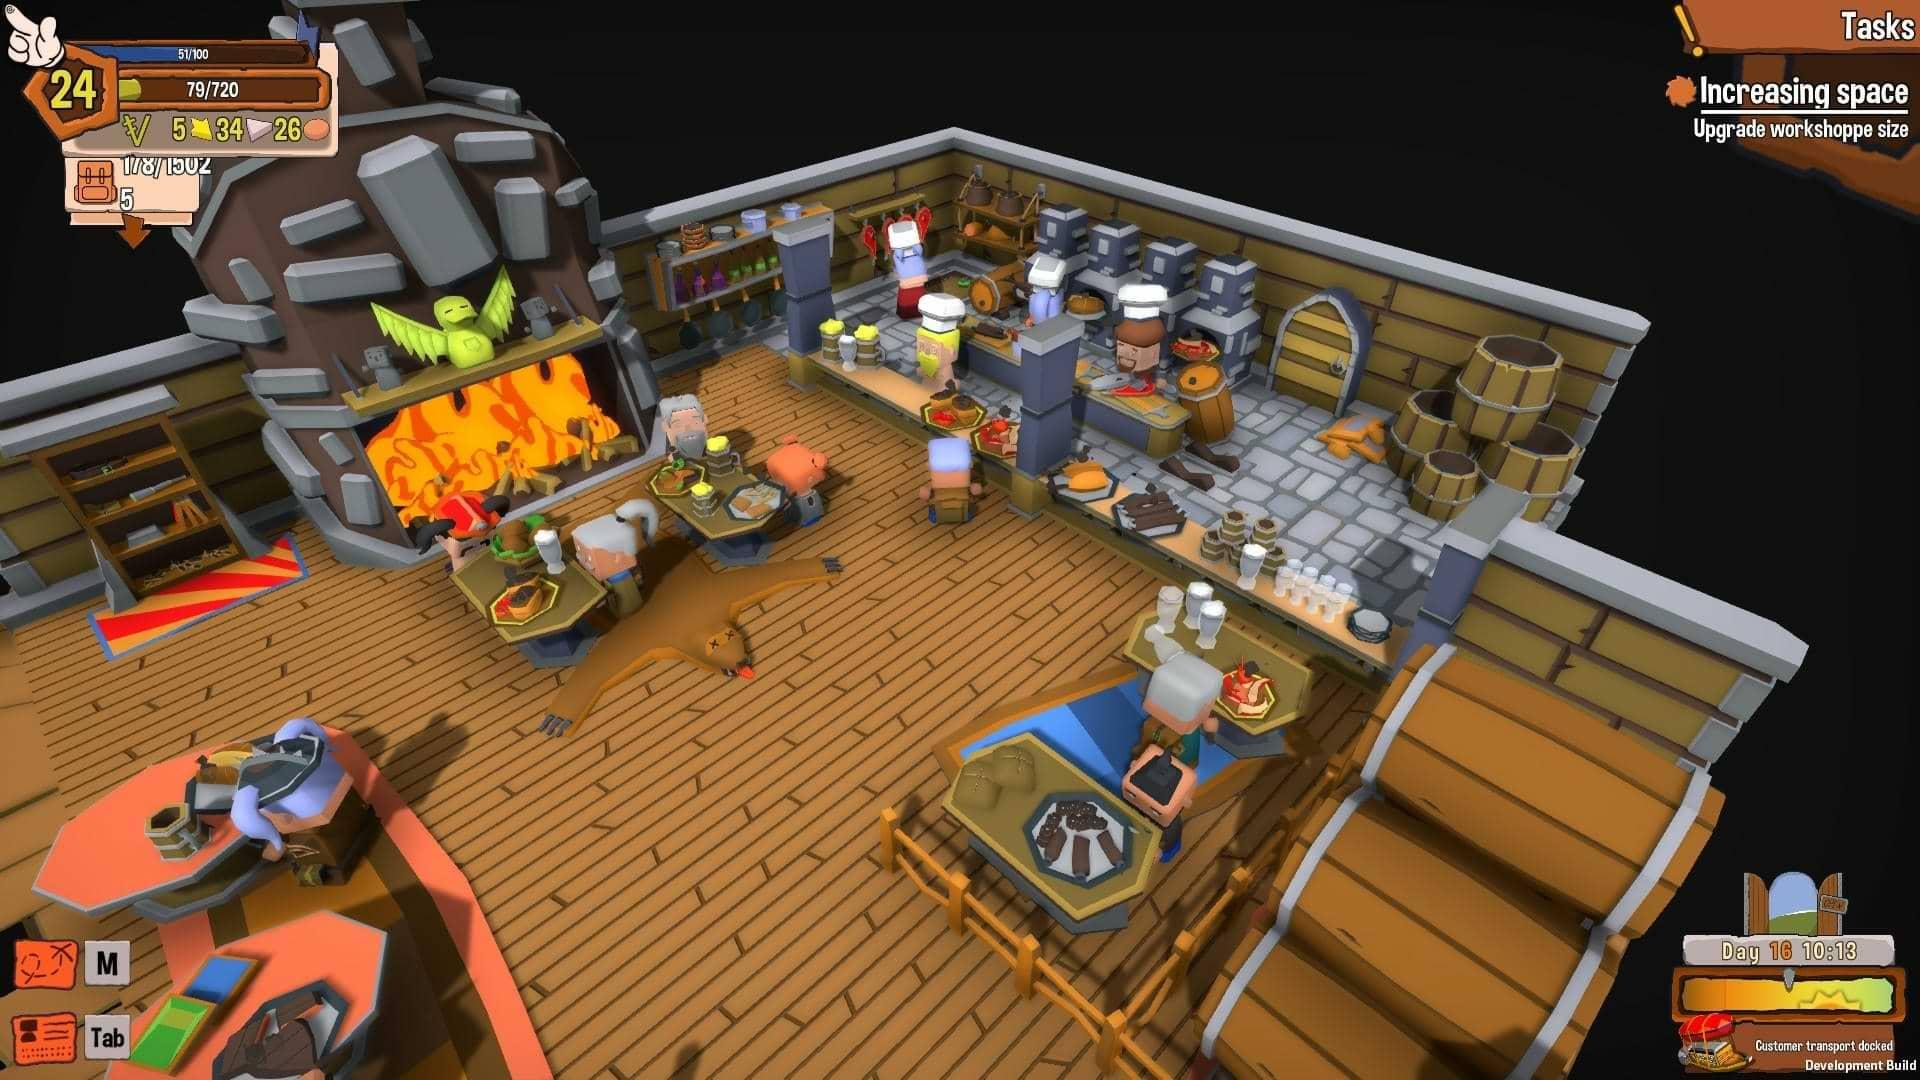 Game image Craftlands Workshoppe